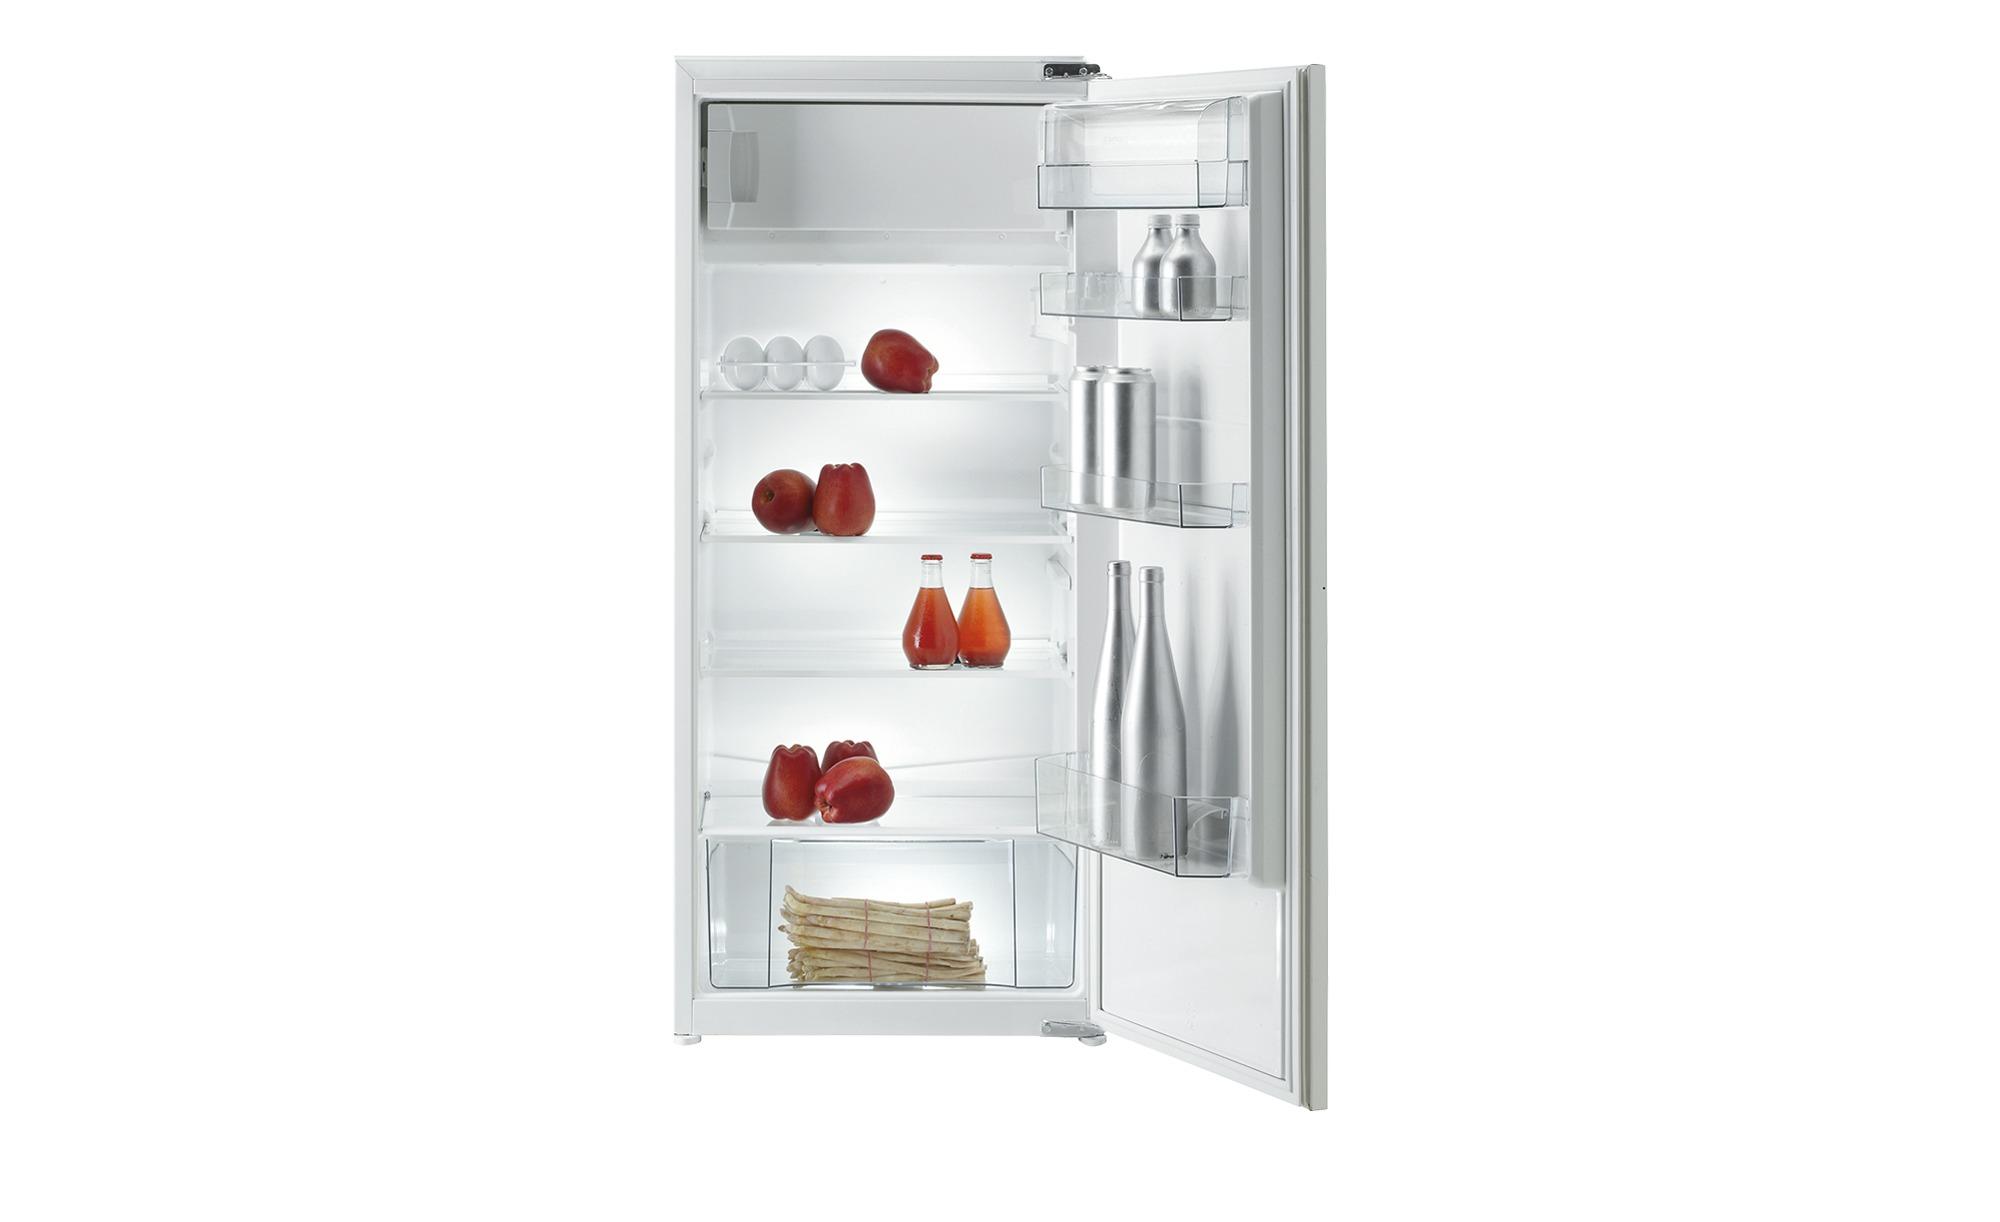 Bomann Kühlschrank Edeka : Gorenje kühlschränke online kaufen möbel suchmaschine ladendirekt.de